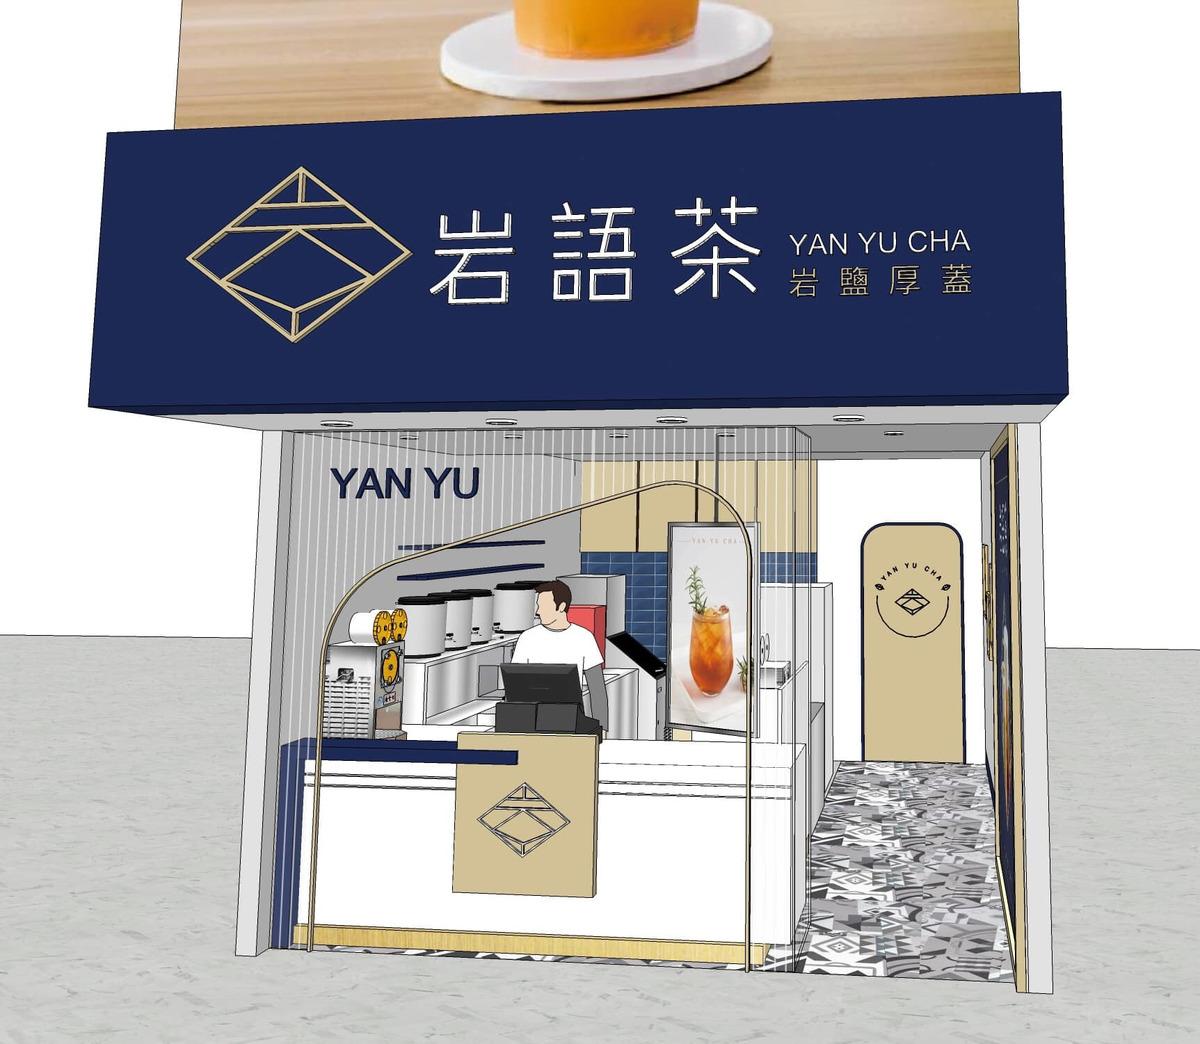 岩語茶 YAN YU CHA 岩鹽厚蓋 總部相關照片2